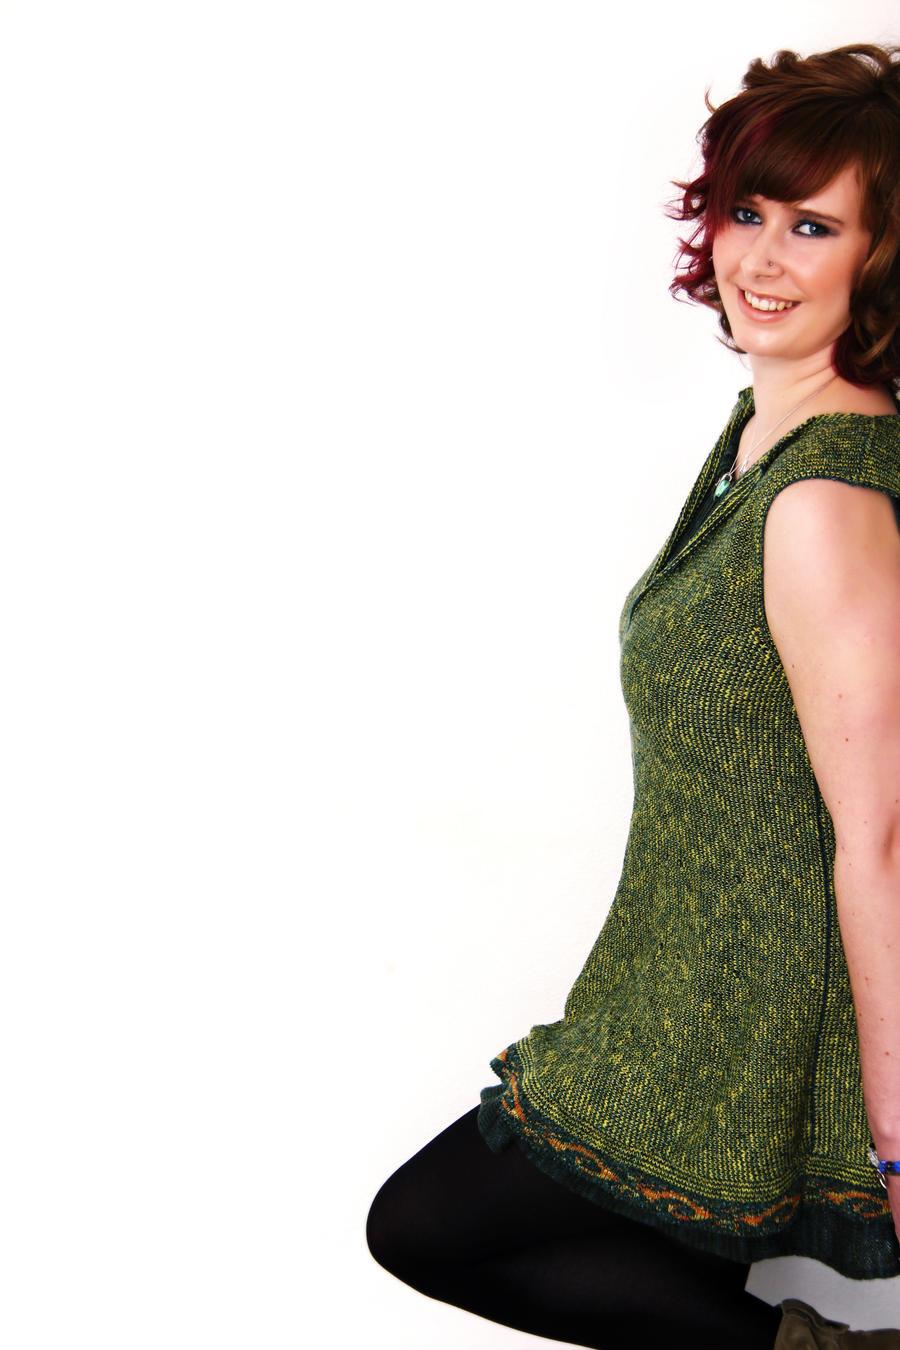 LucysLilWorld's Profile Picture